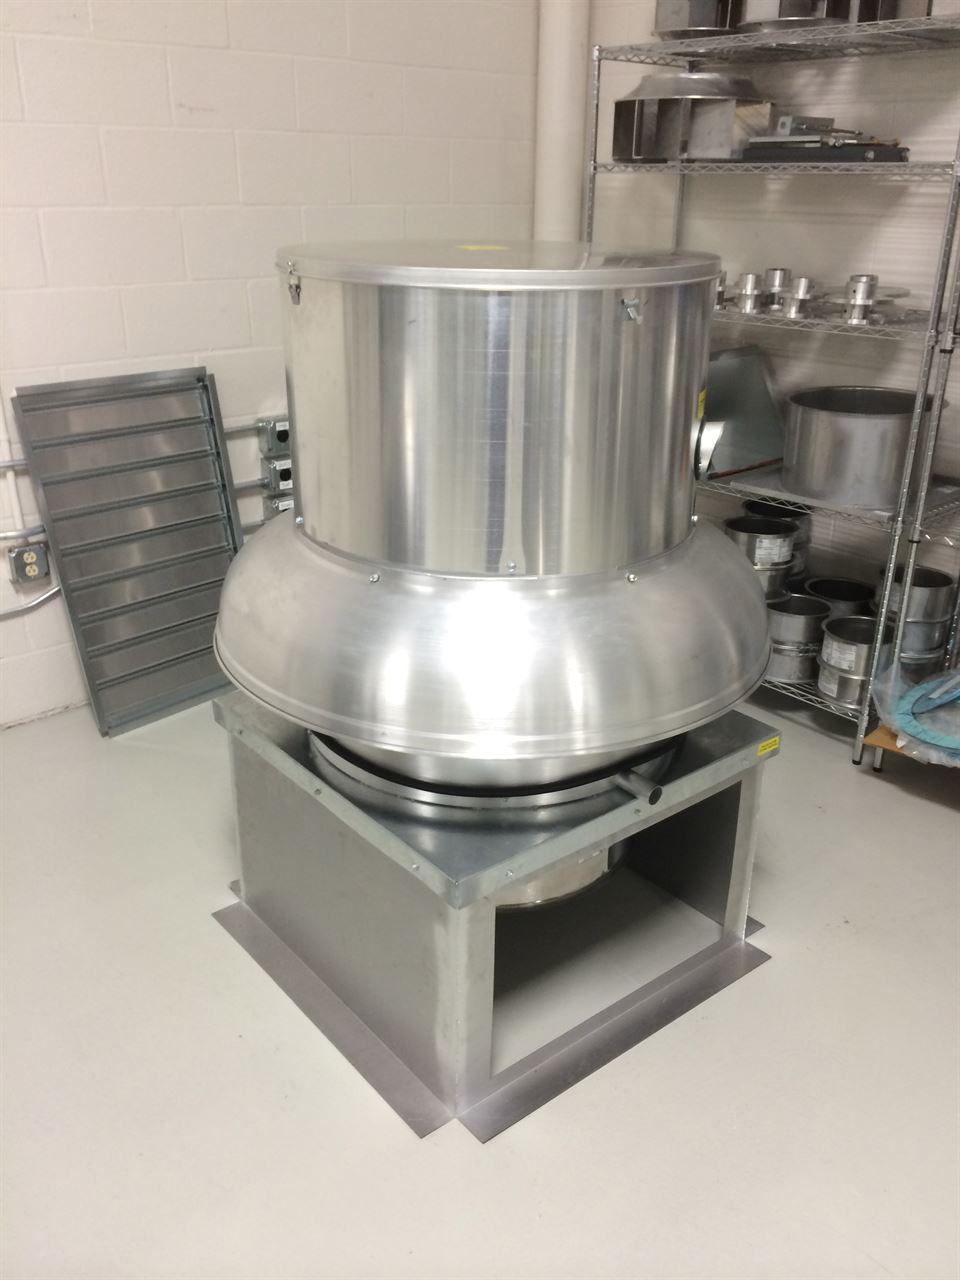 Picture of Belt Drive Downblast Exhaust Fan - 7000 CFM